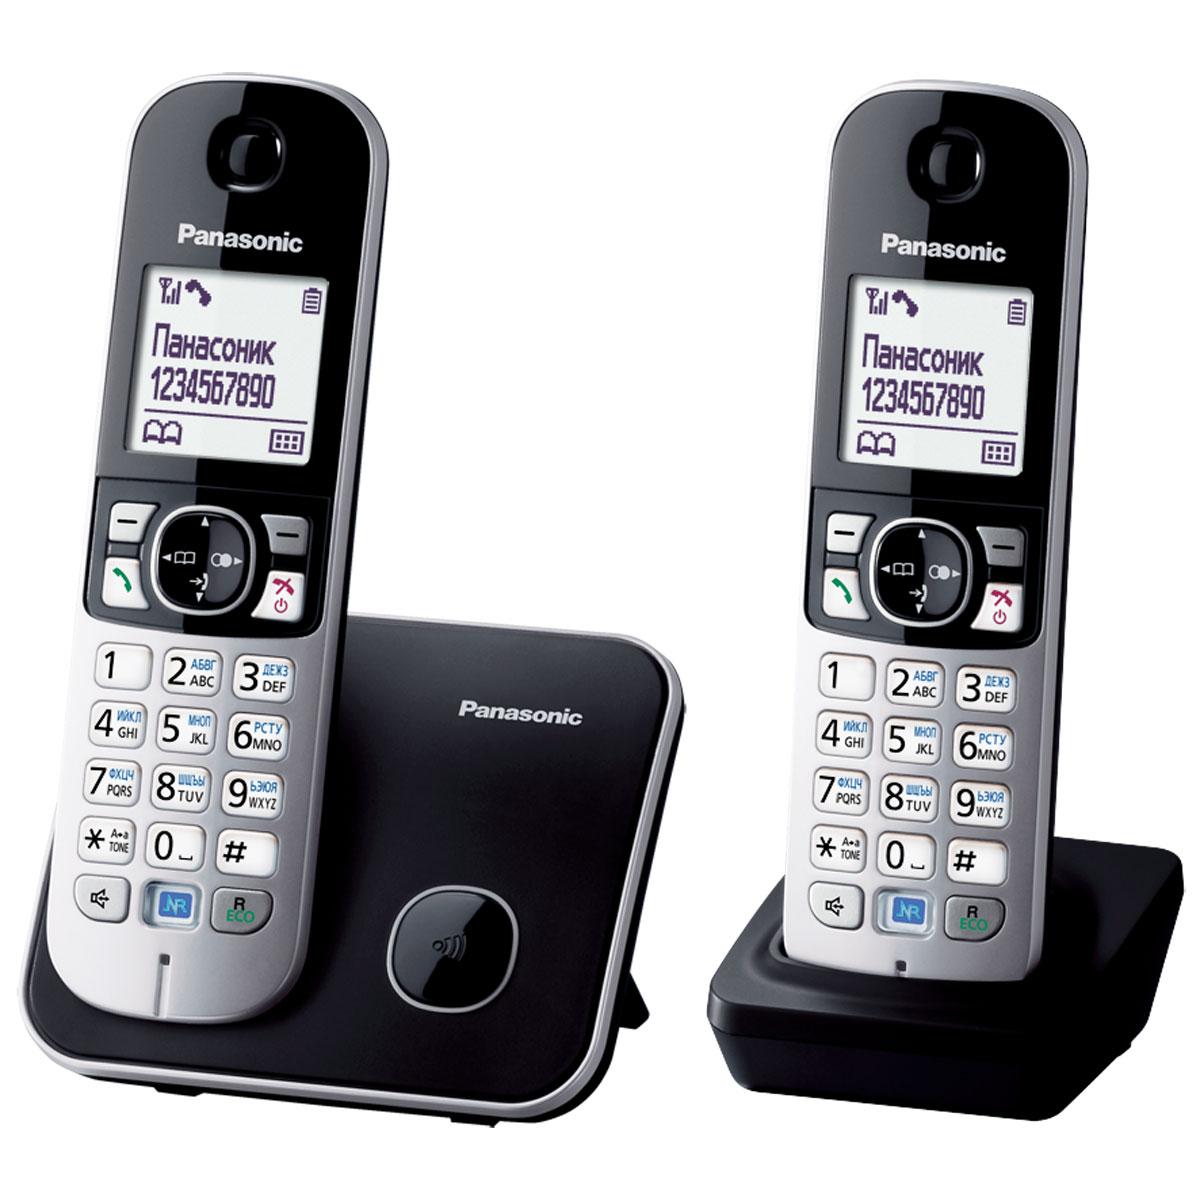 Panasonic KX-TG6812 RUB DECT телефонKX-TG6812RUBDECT телефон Panasonic KX-TG6812RUB.Функция радионяня - вы можете осуществлять акустический контроль помещения, например, детской из других комнат в доме - одна трубка устанавливается рядом с ребенком, а вторая - у родителей.Функция резервного питания - в случае отключения электричества телефон может работать (на базе) от аккумулятора трубки.Panasonic KX-TG6812RUB имеет в комплекте дополнительную трубку.Блокировка клавиатурыРусифицированное менюЧасы, дата на дисплееБудильник с повторным сигналом и установкой по дням неделиПовторный набор